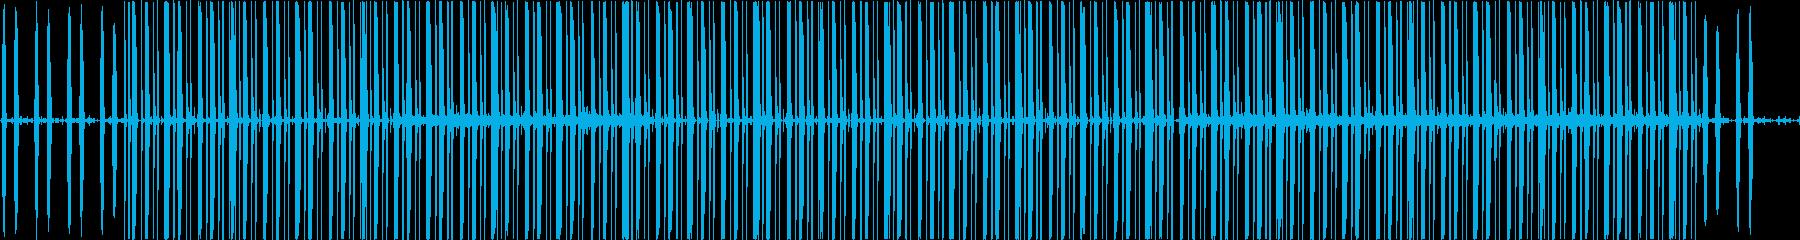 スタイリッシュ/カフェ/ヒップホップの再生済みの波形